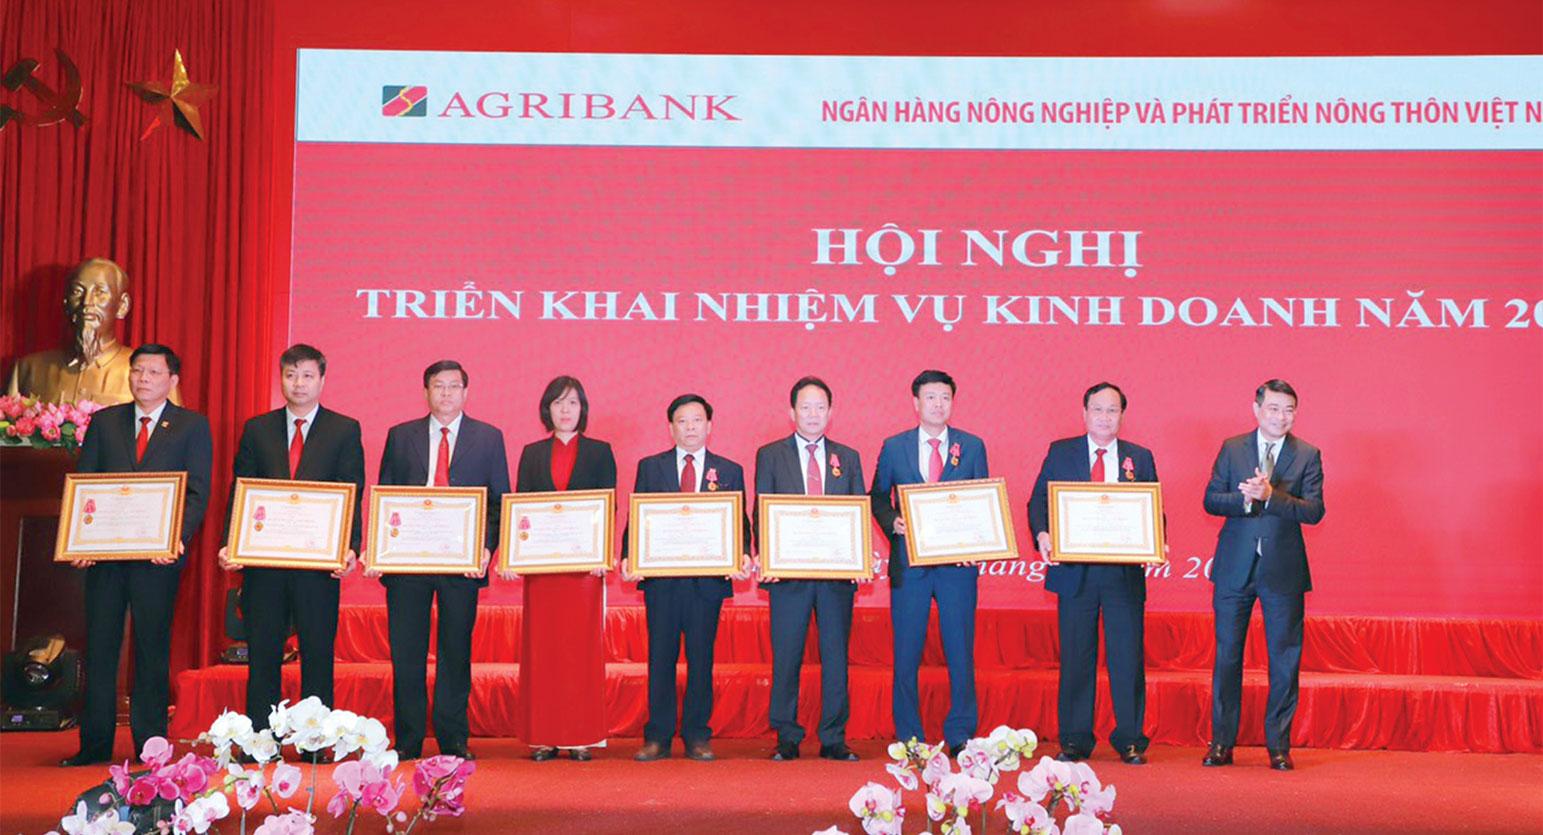 gribank Long An nhận huân chương Lao động hạng nhất